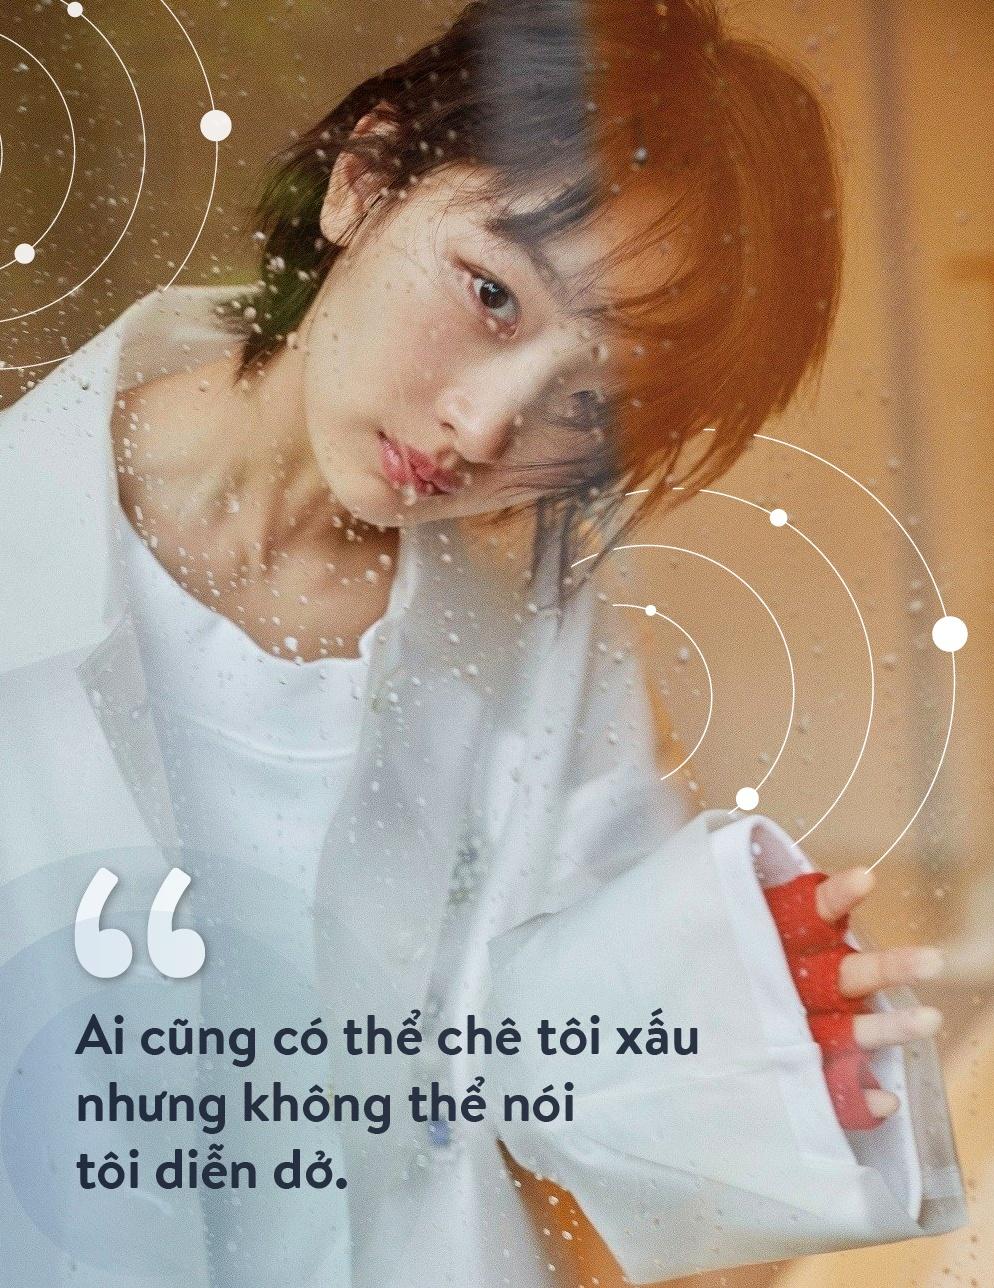 Chau Dong Vu noi tieng anh 4